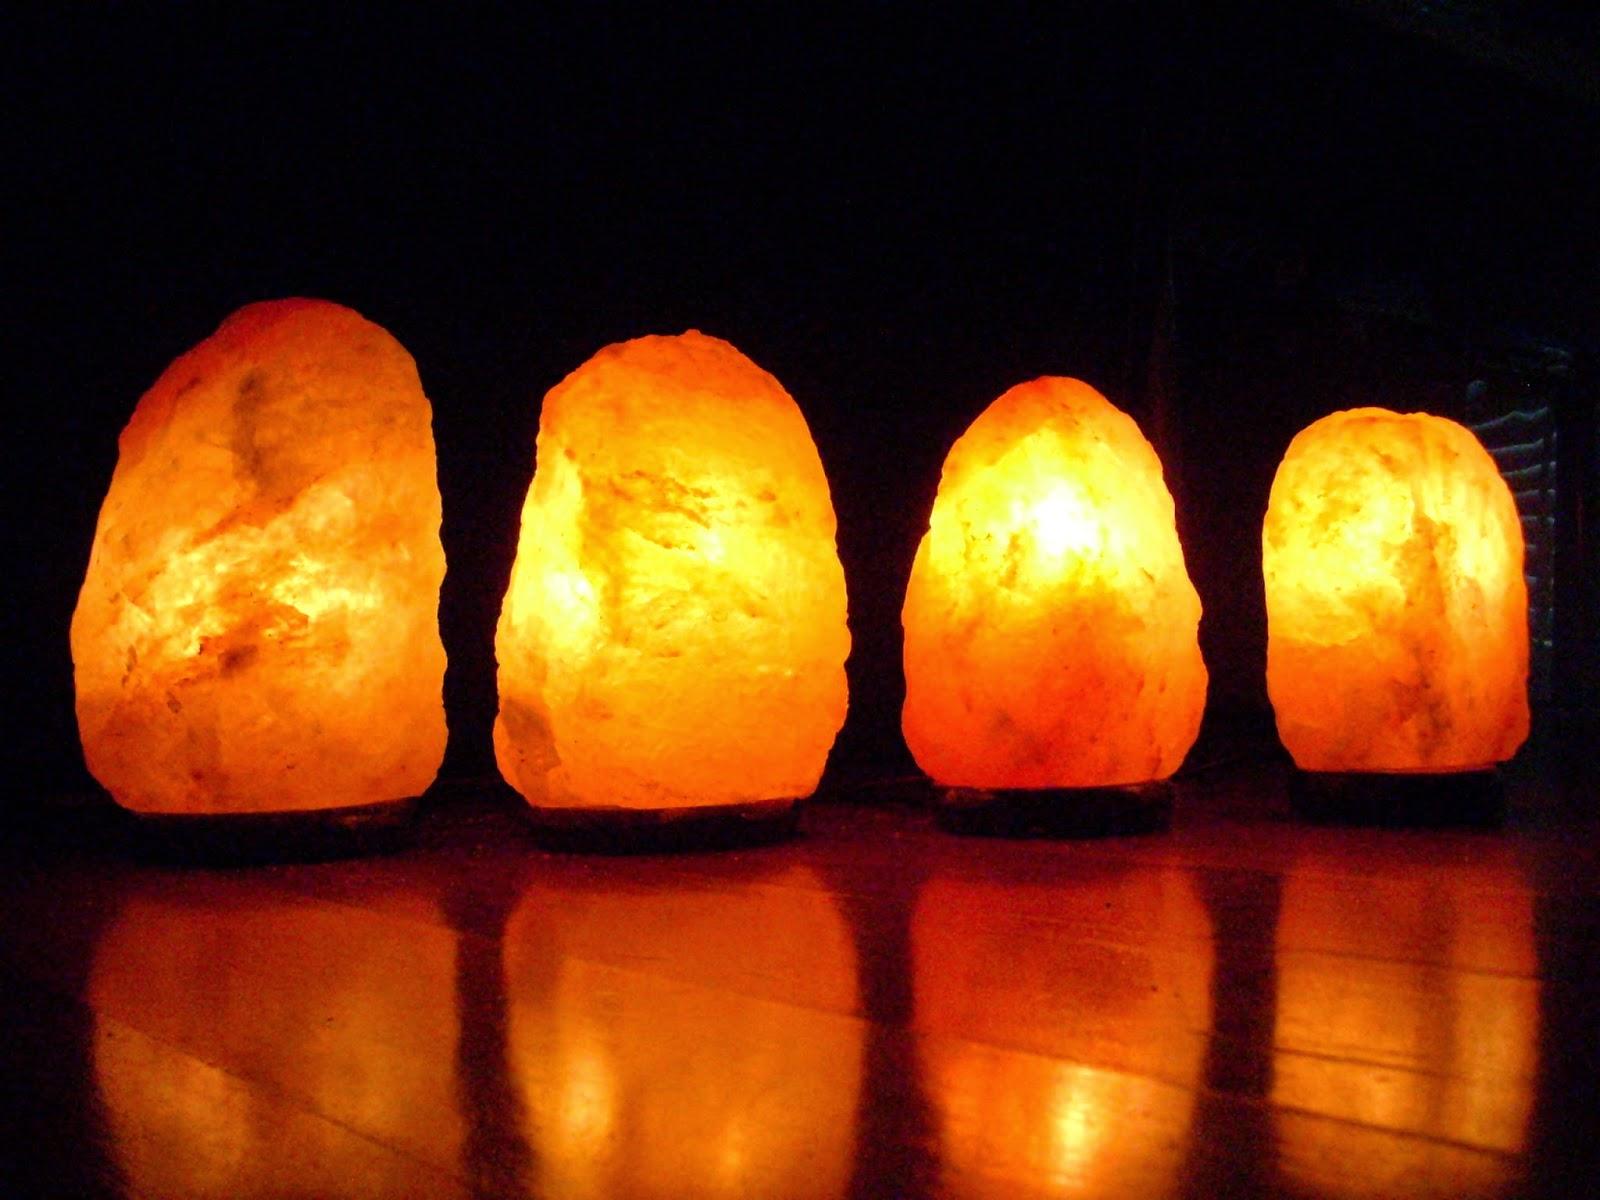 Lampade In Vetroresina : Le lampade di sale energia pura per il vostro benessere